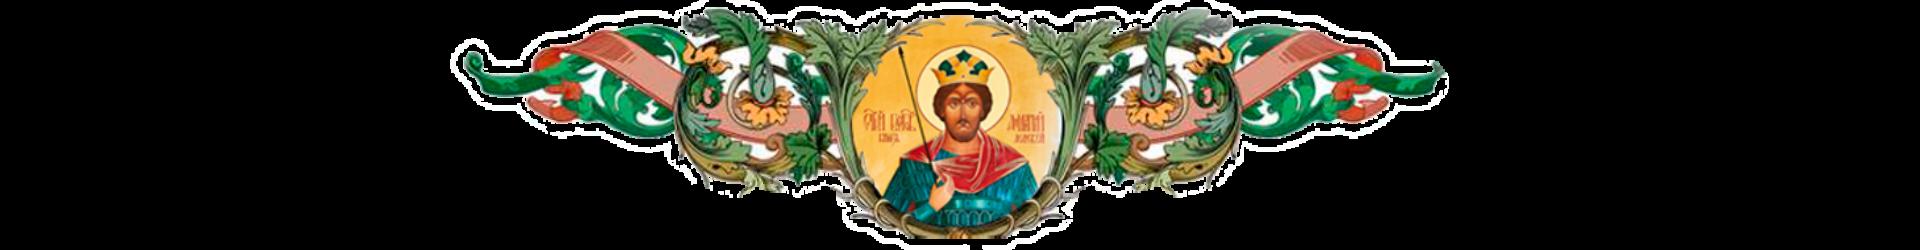 Объявление. экскурсия в Знаменский монастырь